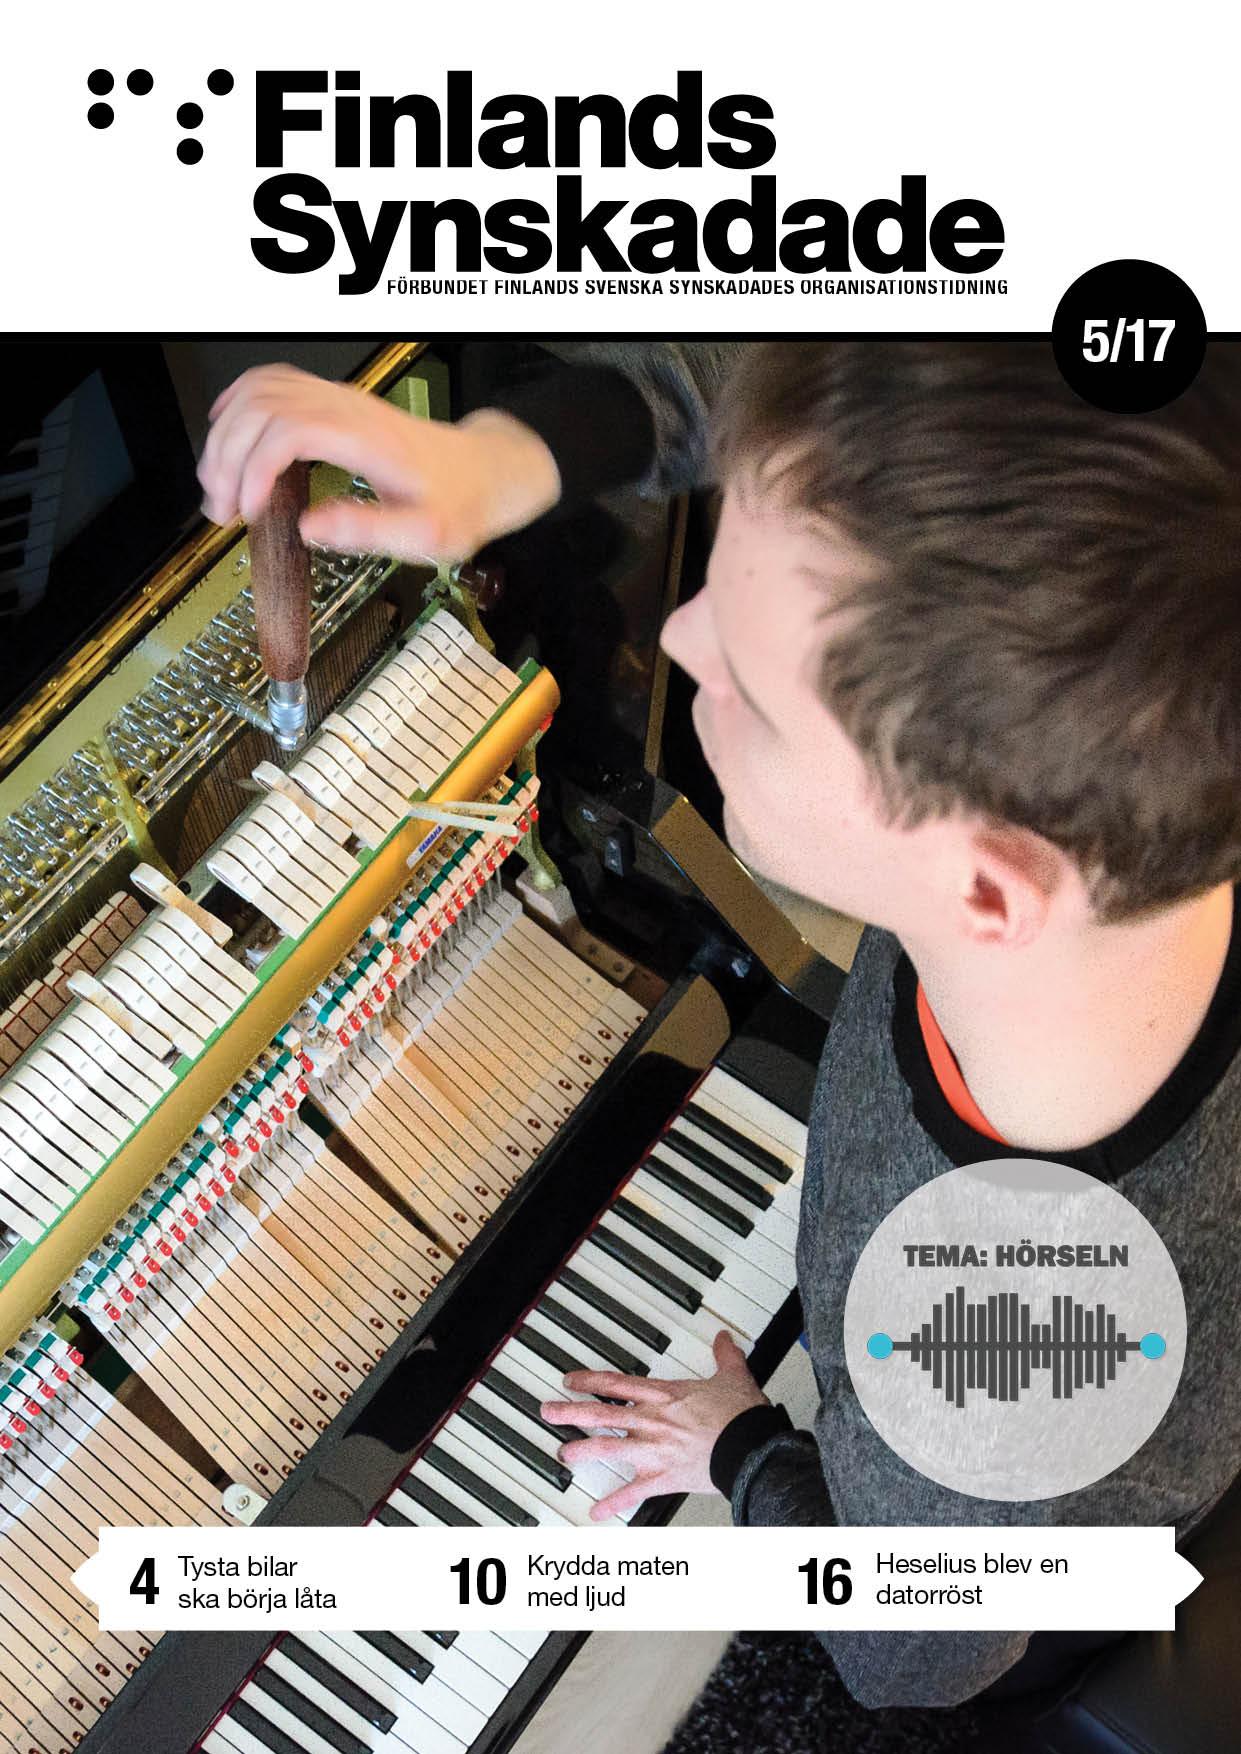 FS nr 5 pärm. Ung man stämmer ett piano.